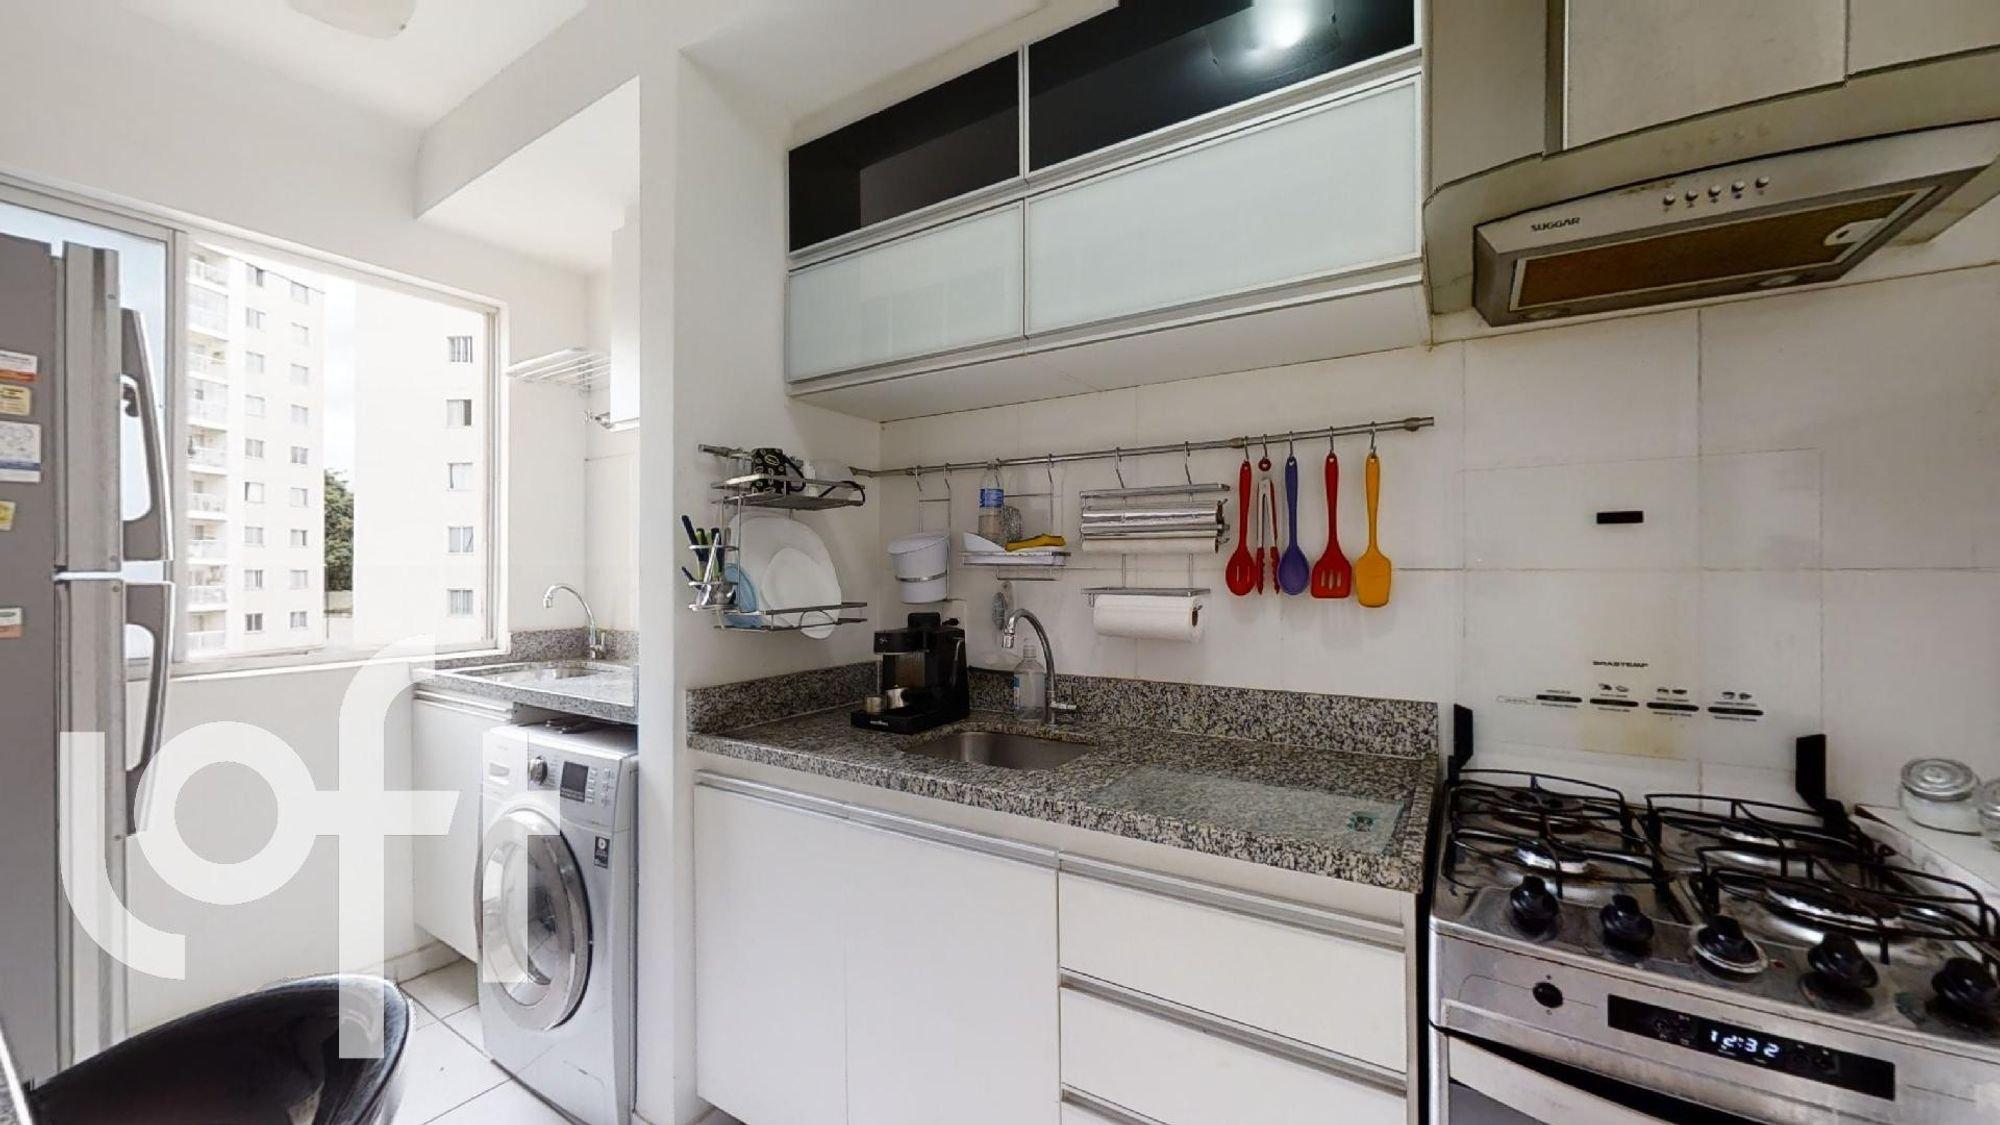 Foto de Cozinha com colher, forno, pia